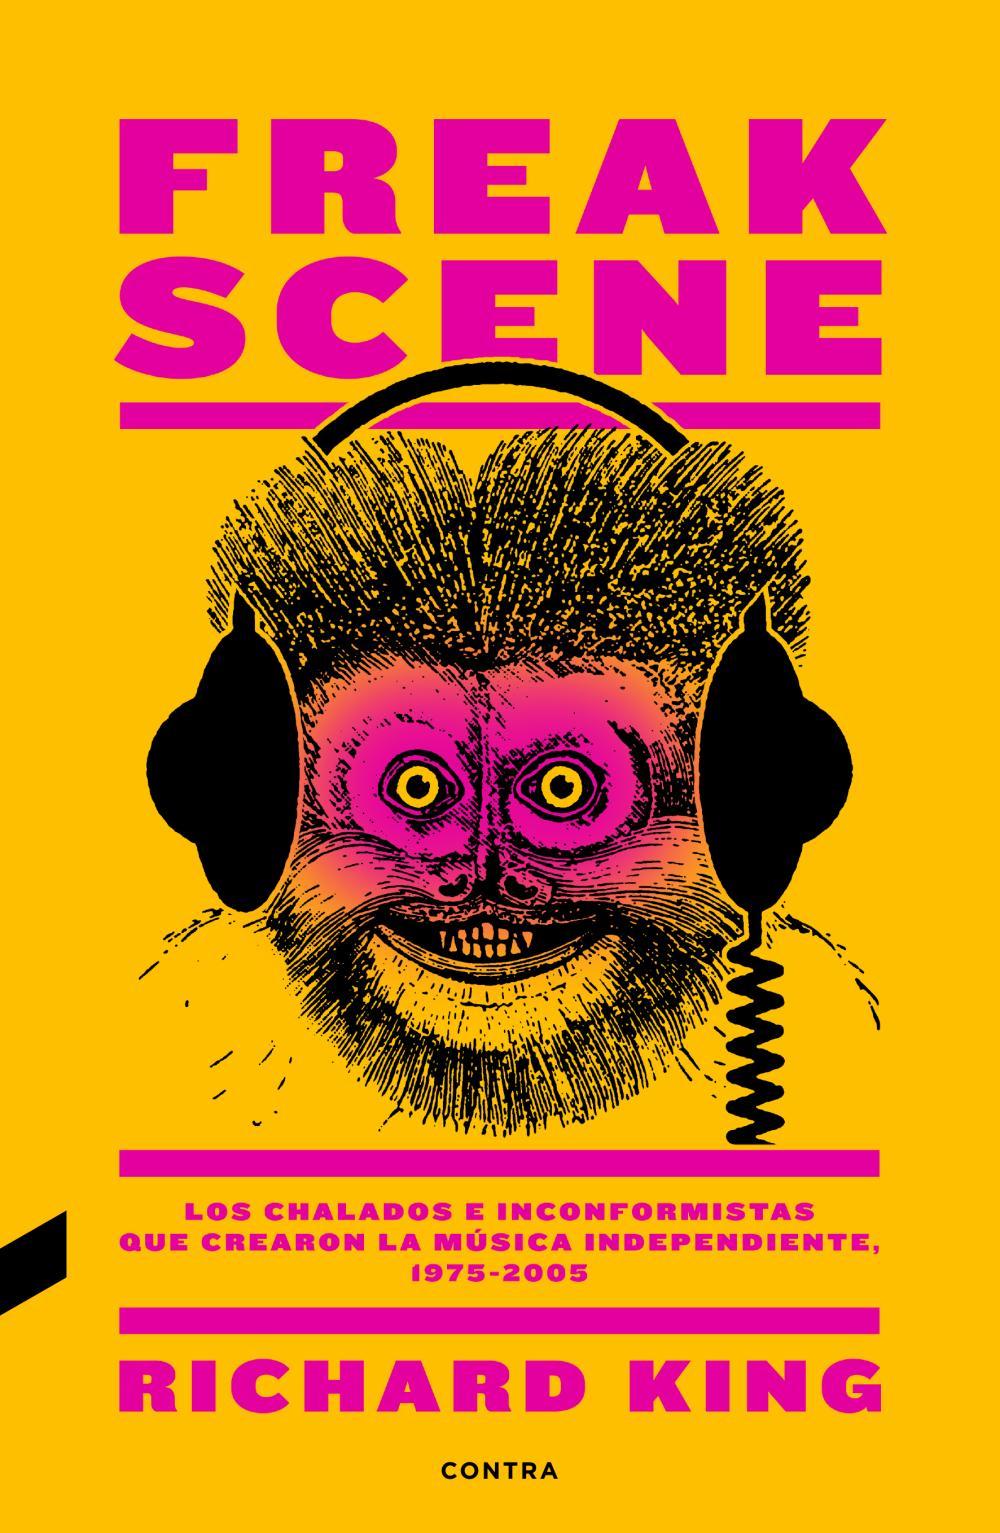 Freak Scene: Los chalados e inconformistas que crearon la música independiente, 1975-2005